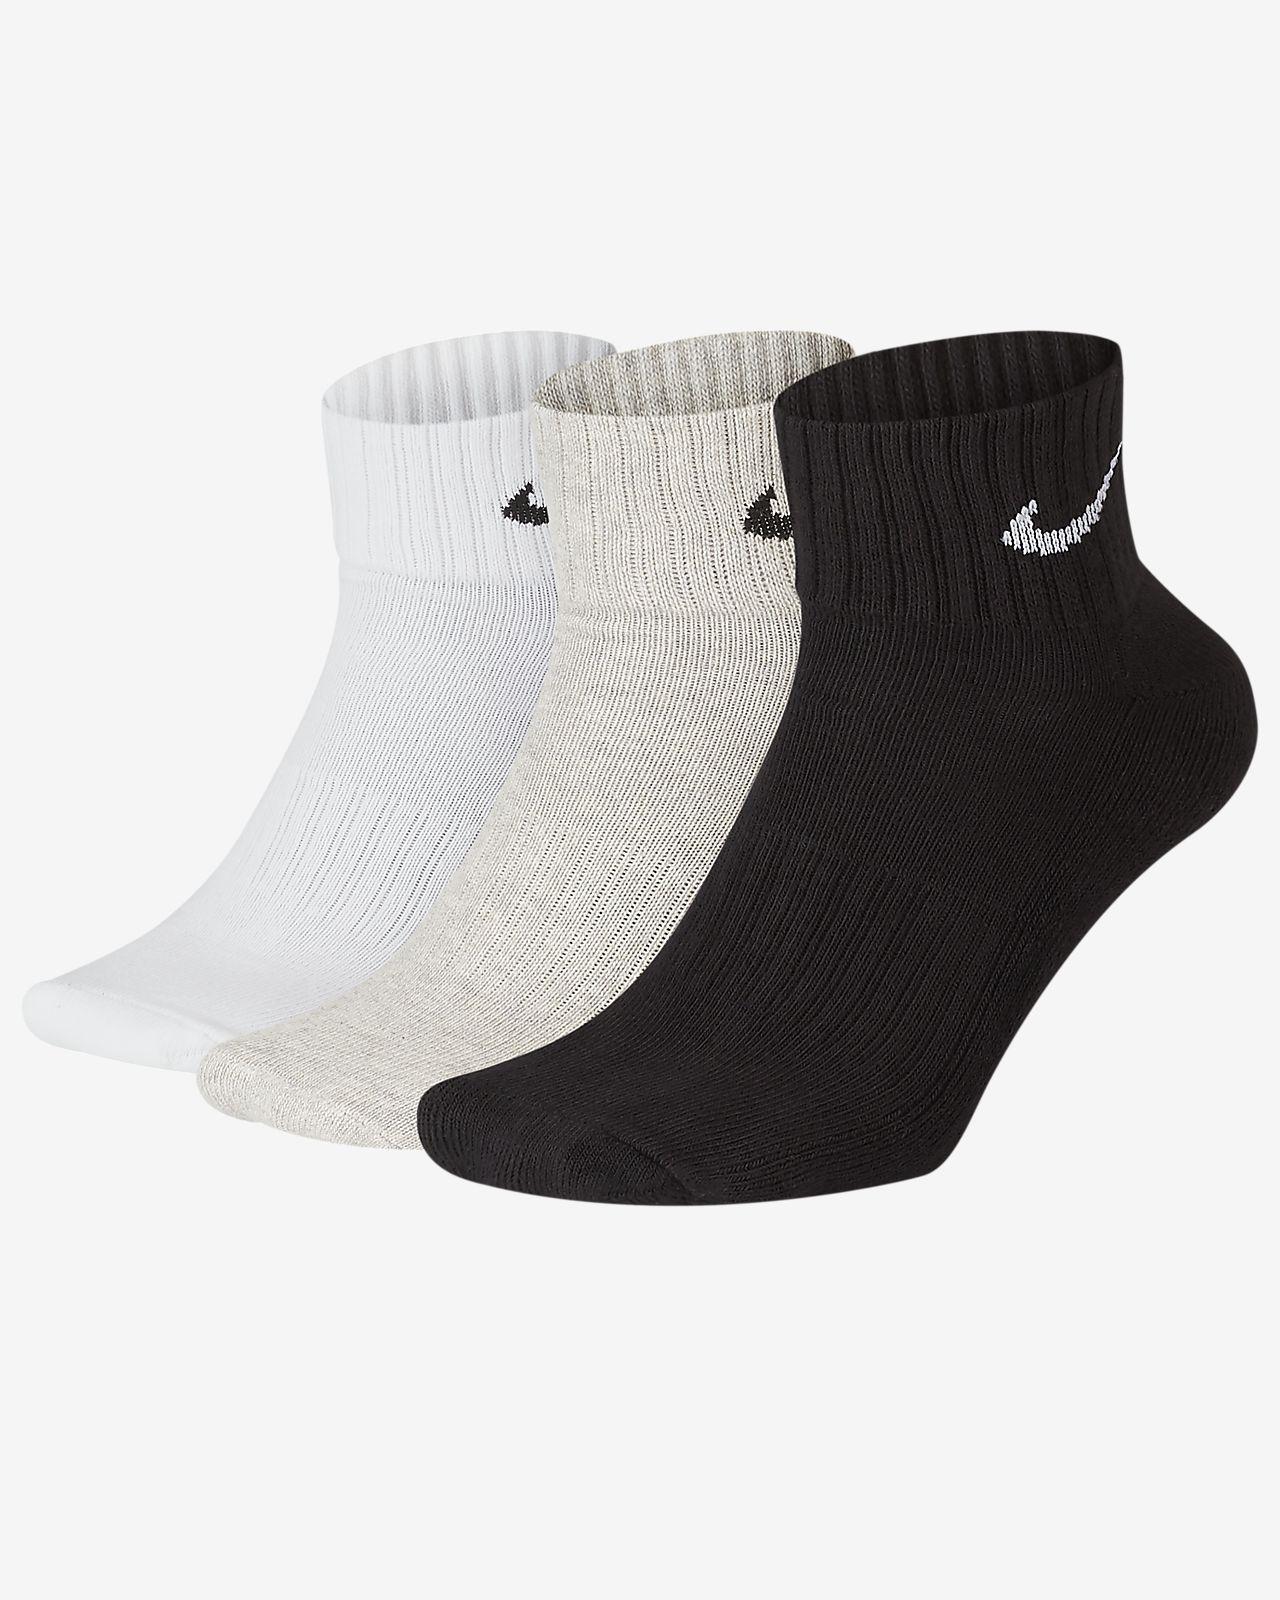 Nike Cushion-ankeltræningsstrømper (3 par)